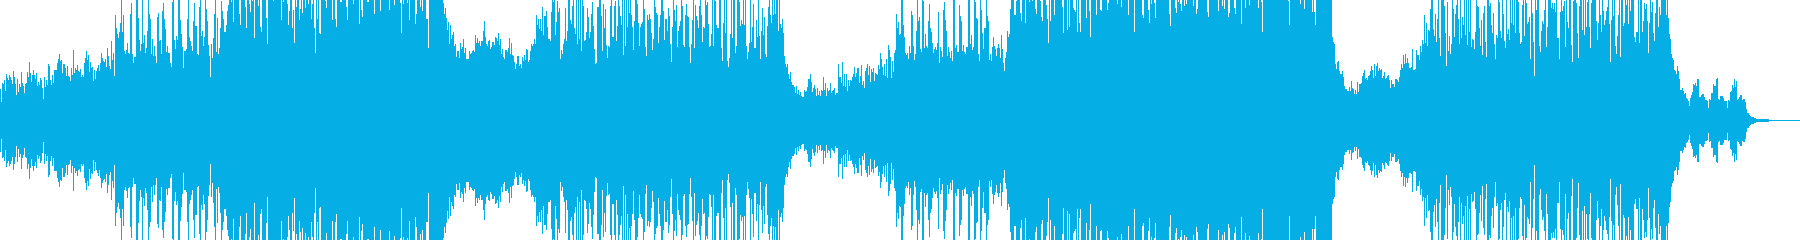 近未来的な作品に・クセになるR&B 長尺の再生済みの波形